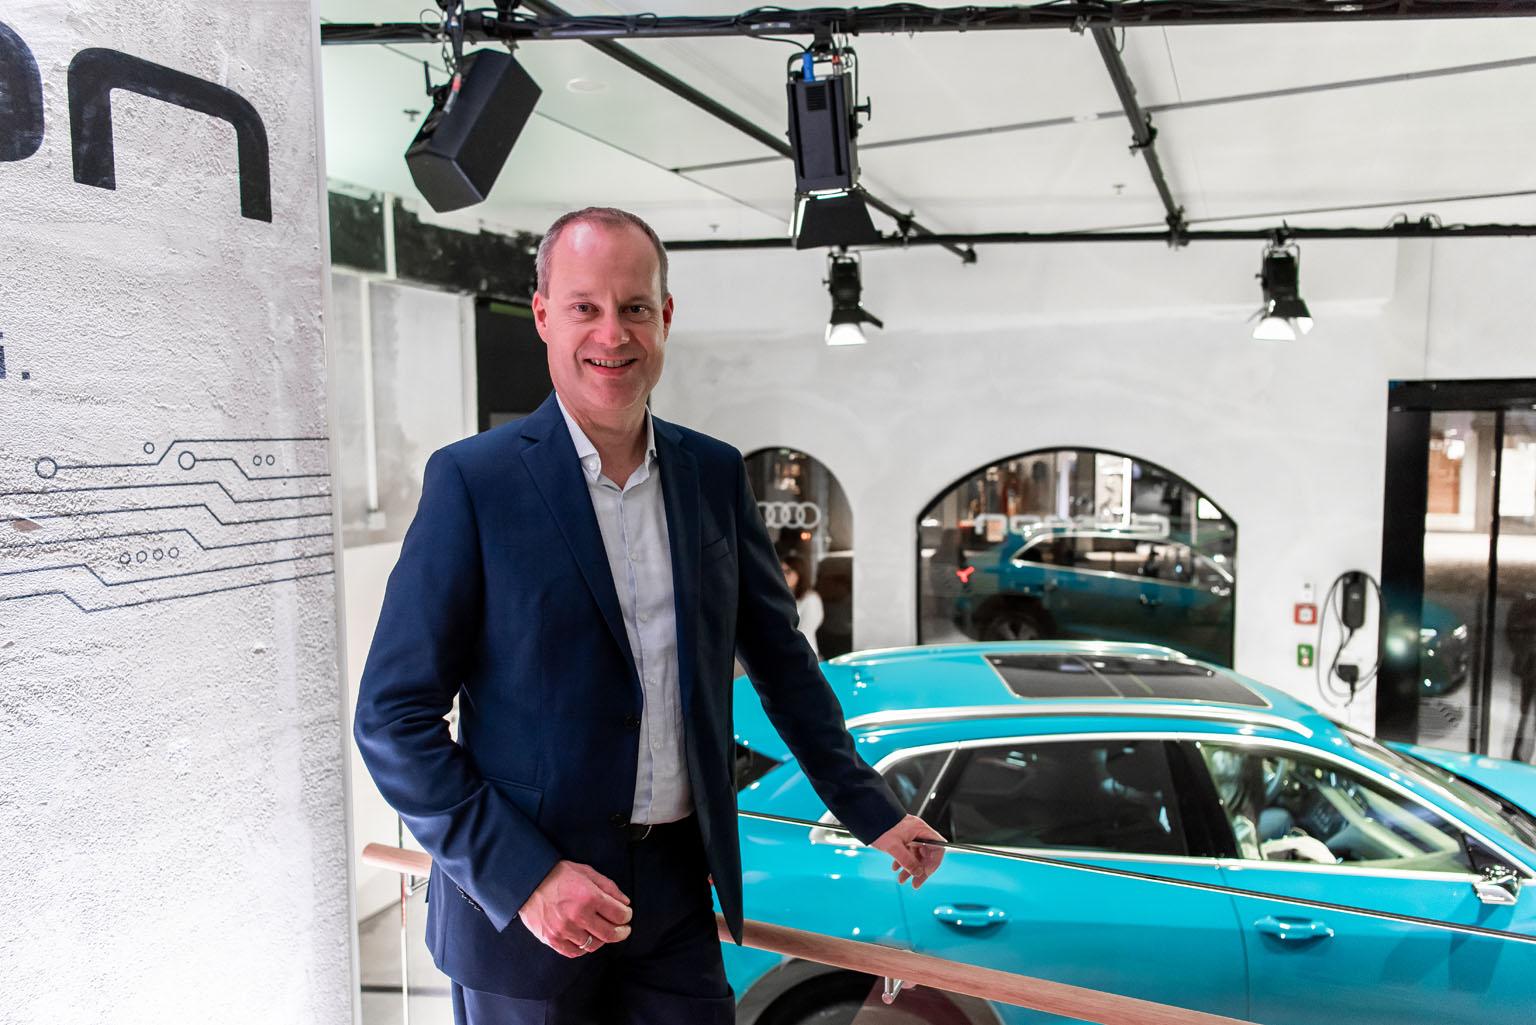 Jens van Eikels à l'Audi e-tron Pop-up Store de Zurich. (Tom Lüthi)